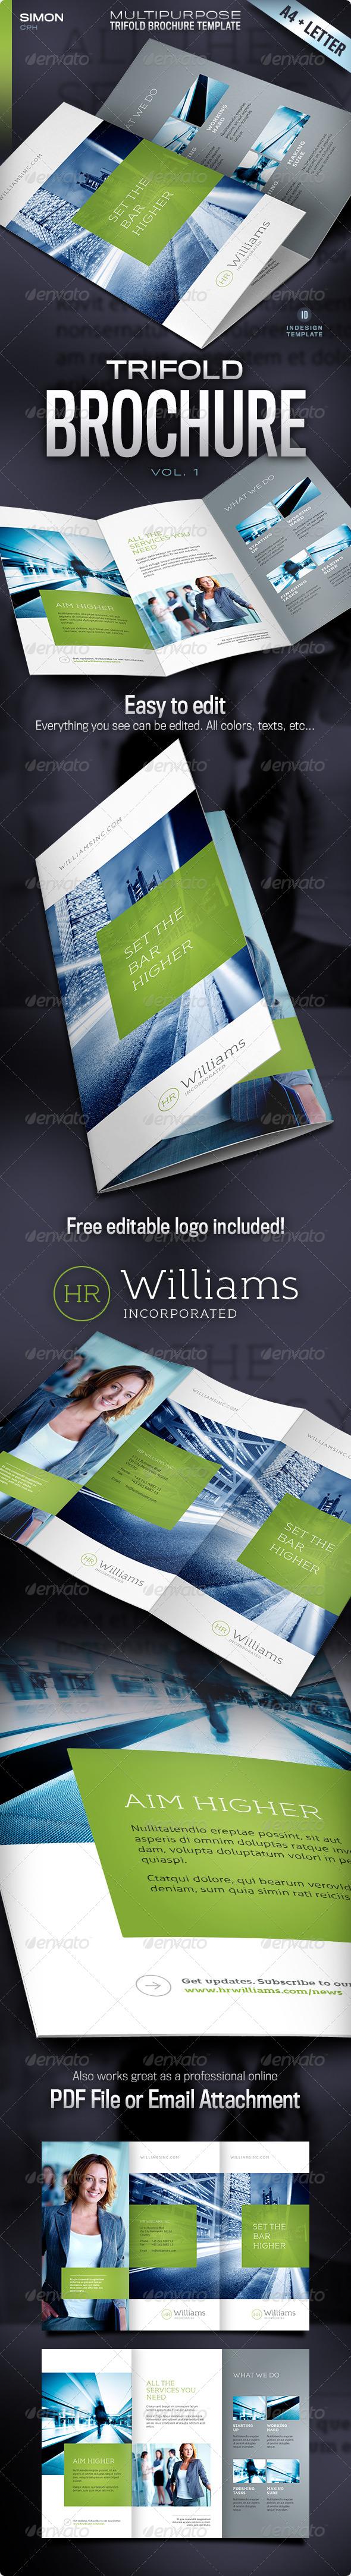 GraphicRiver Trifold Brochure Vol 1 4574051